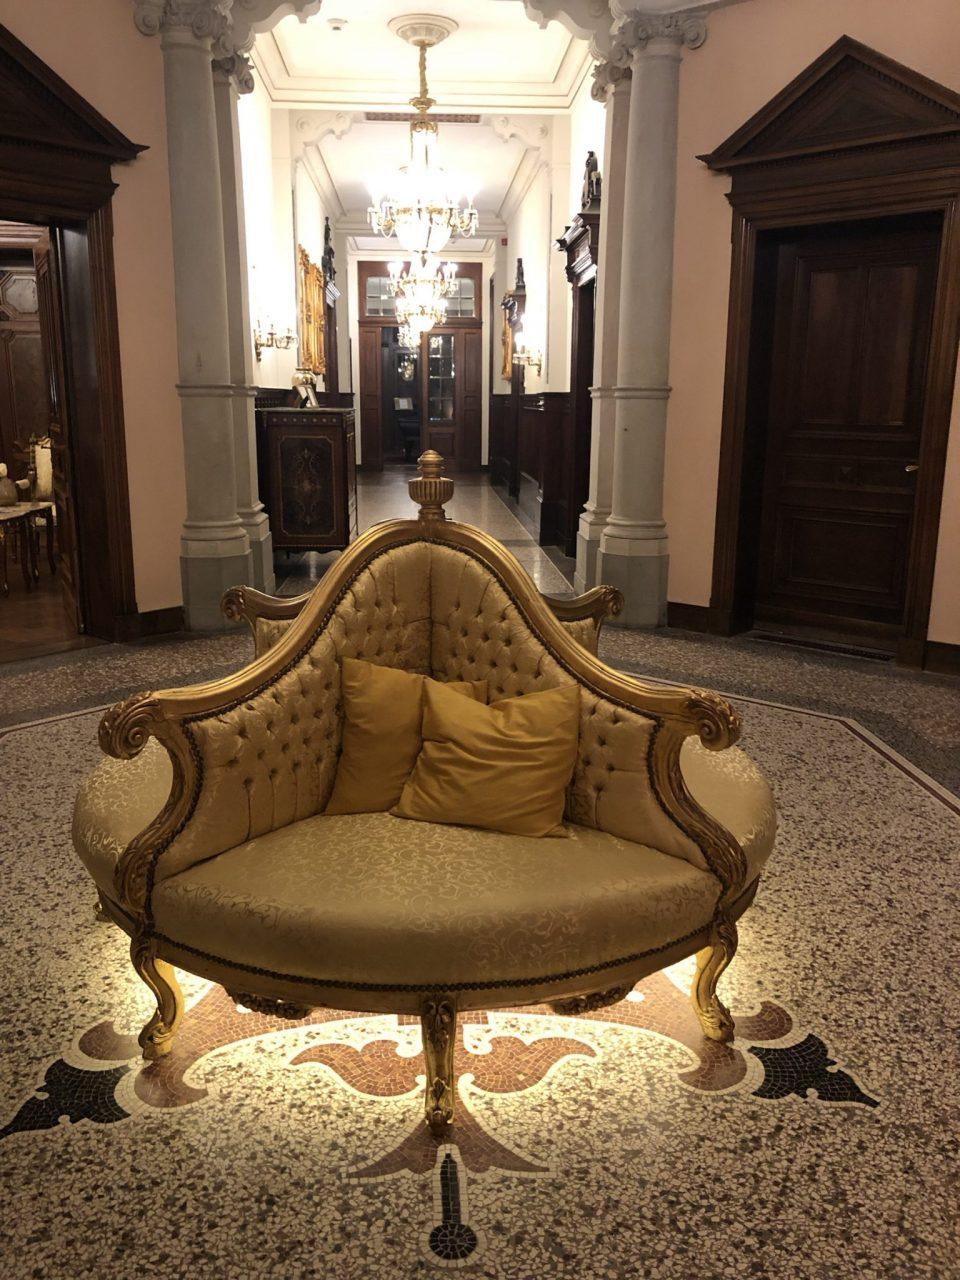 Lieser Castle Hotel interior